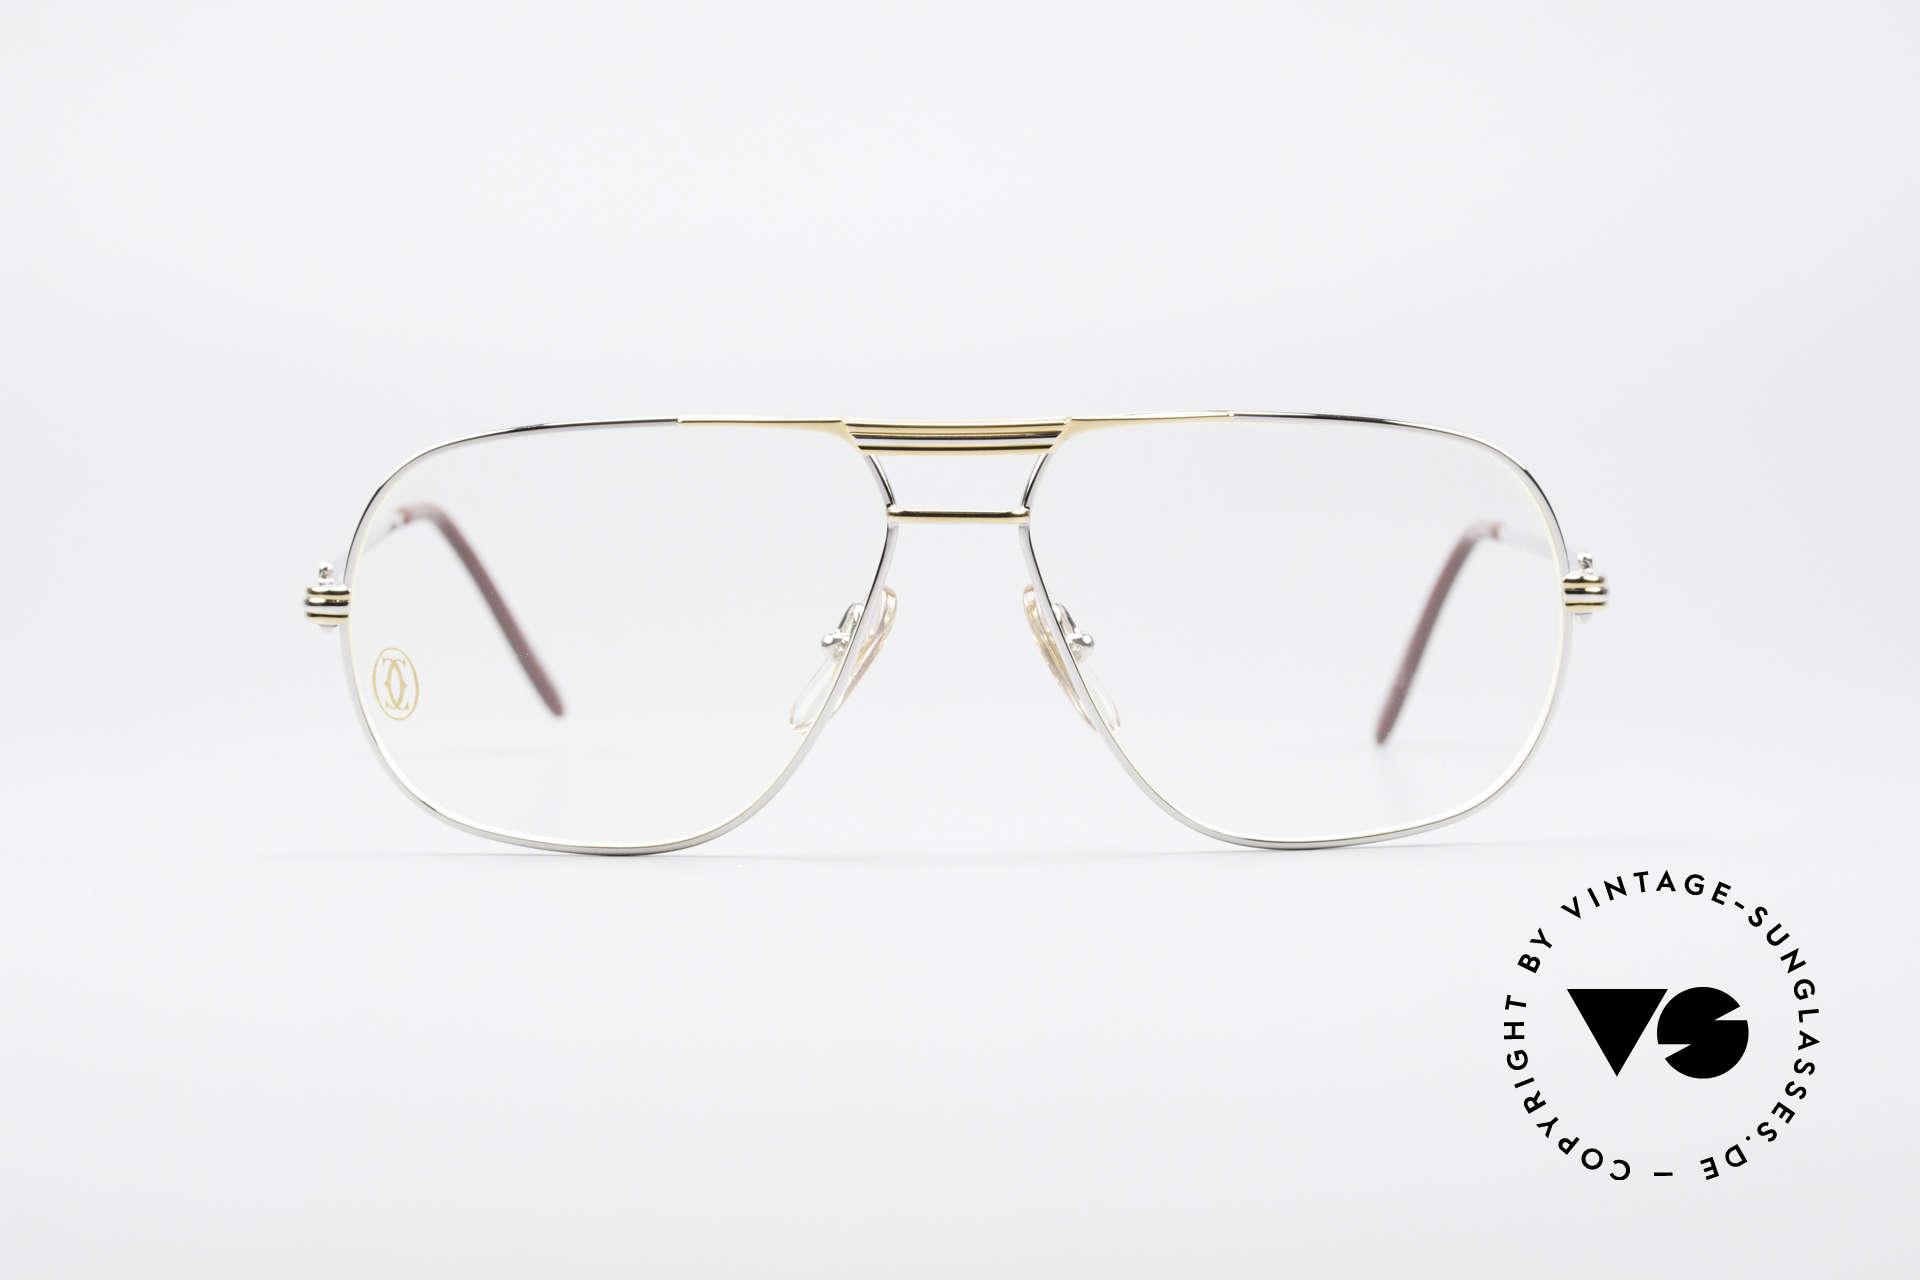 7a7330349a7 Glasses Cartier Tank - M Rare Platinum Finish